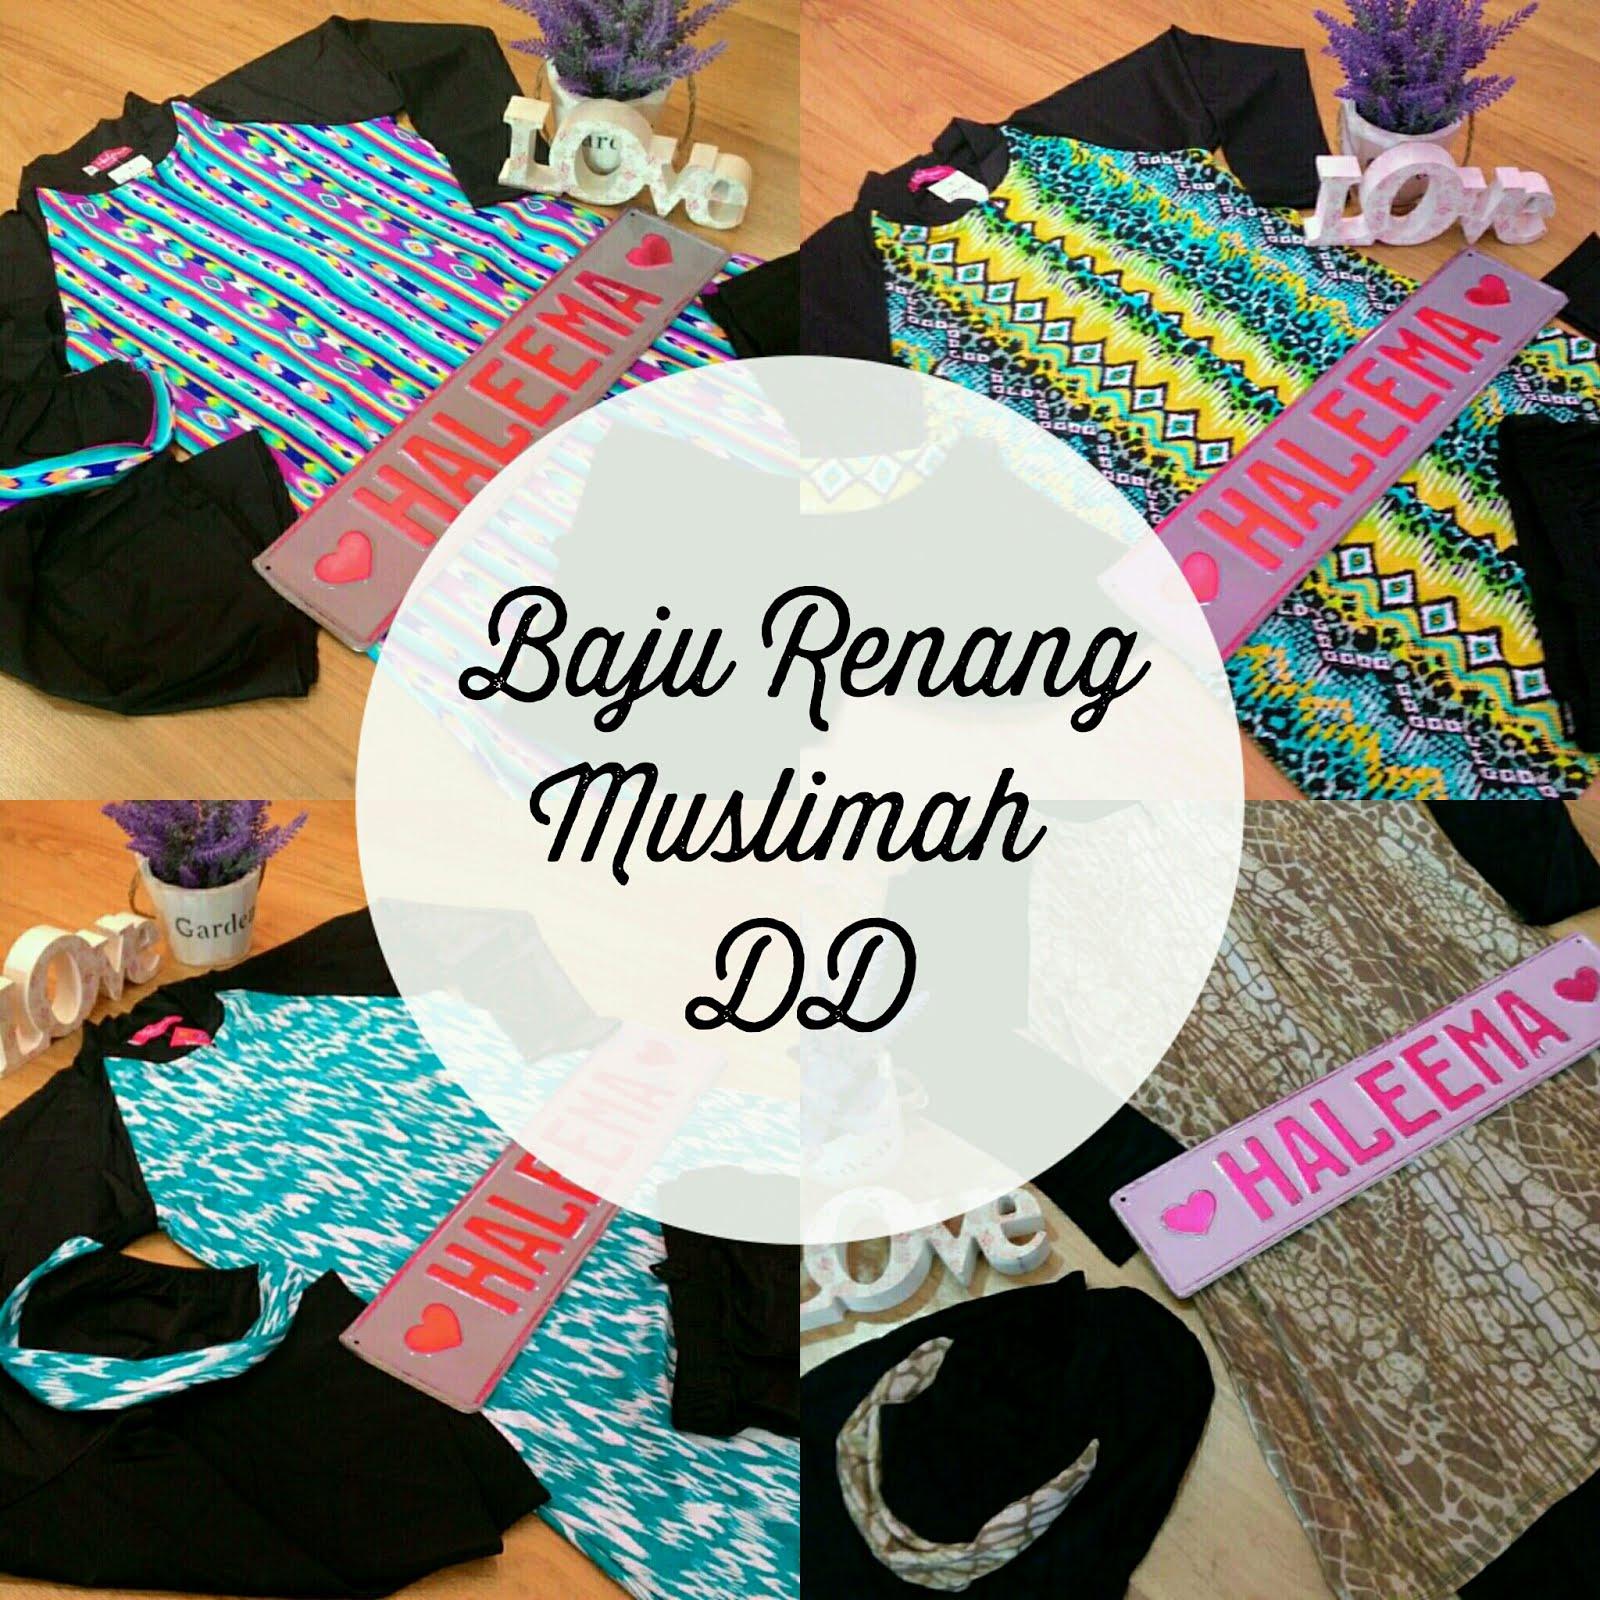 Baju Renang Muslimah DD (Klik pada Image)